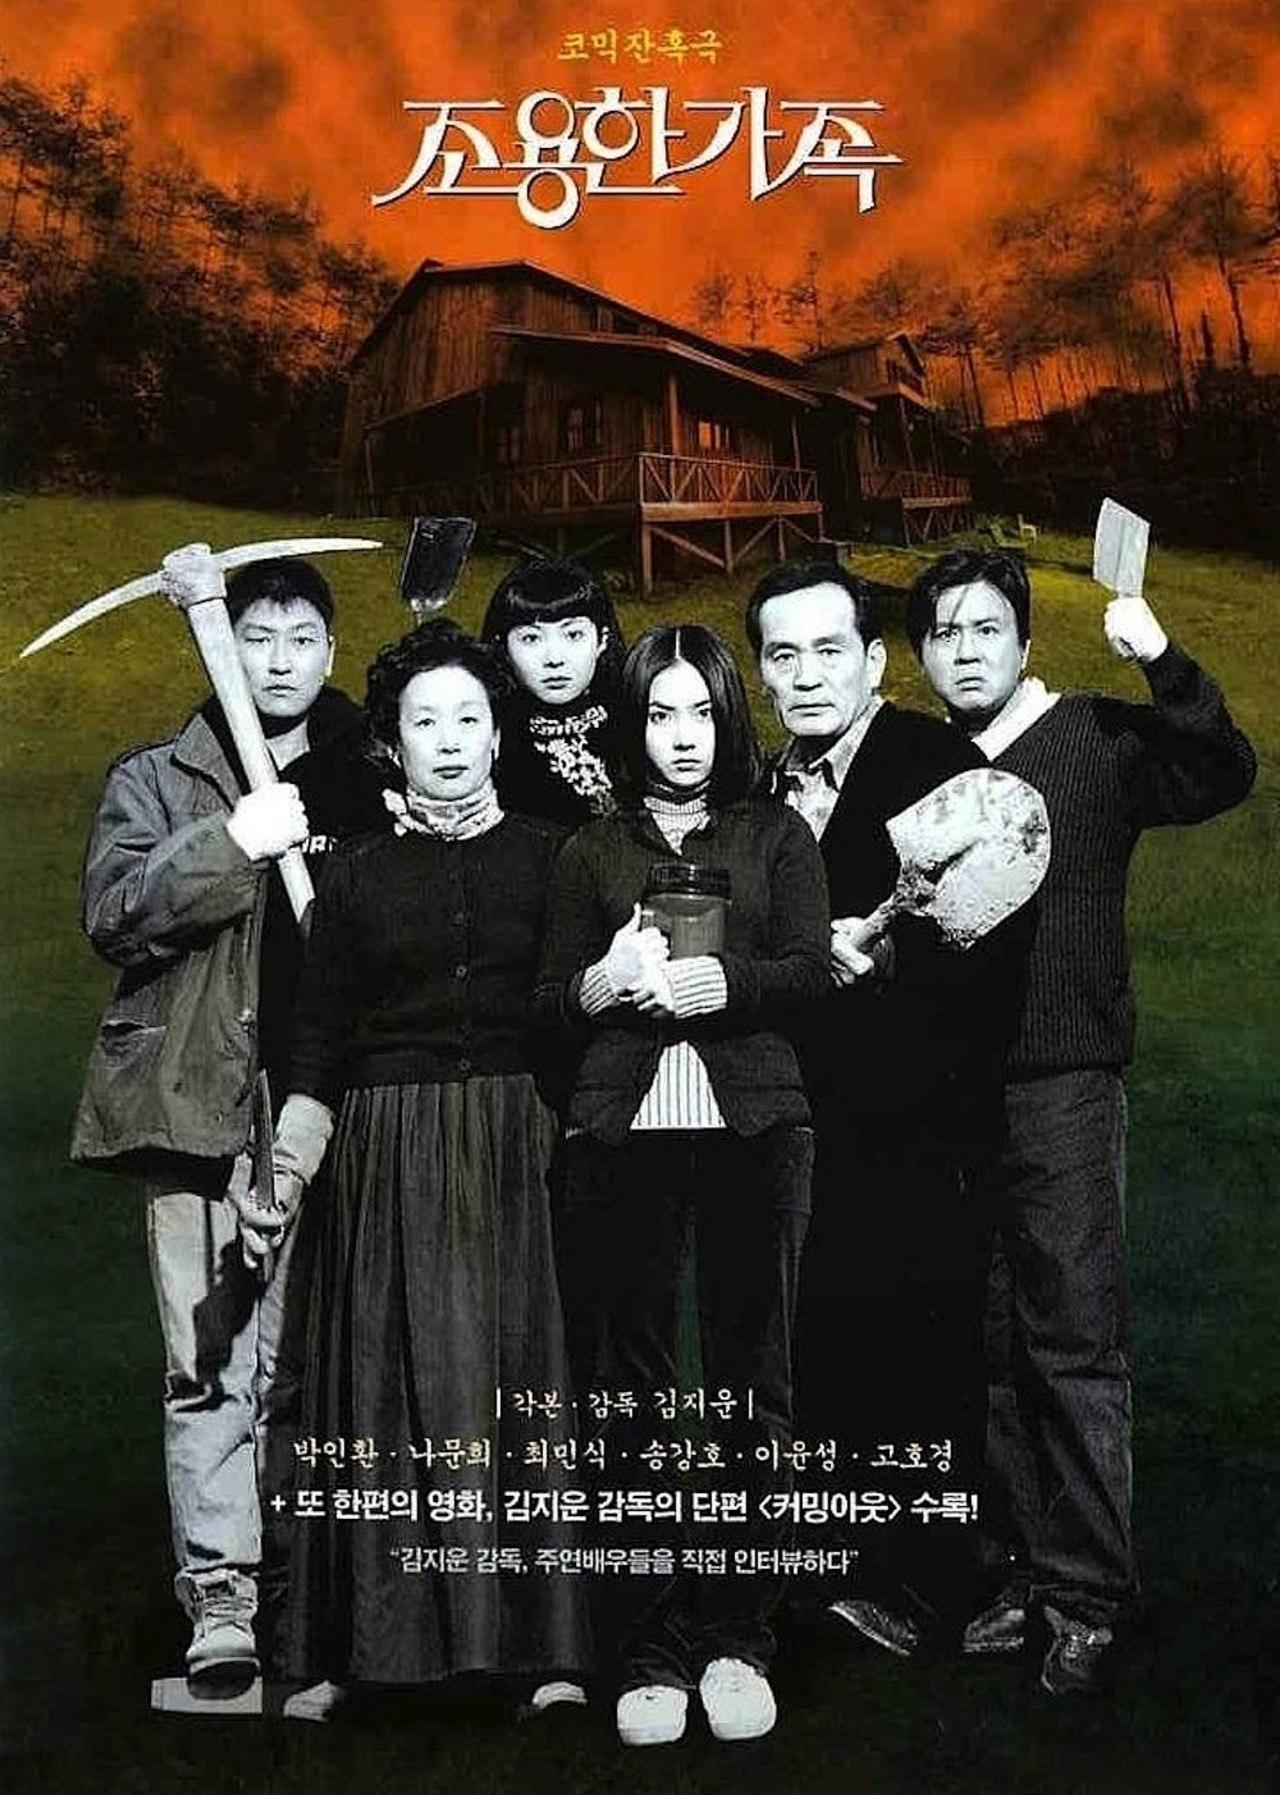 1998剧情,喜剧,悬疑死不张扬离奇失魂事件